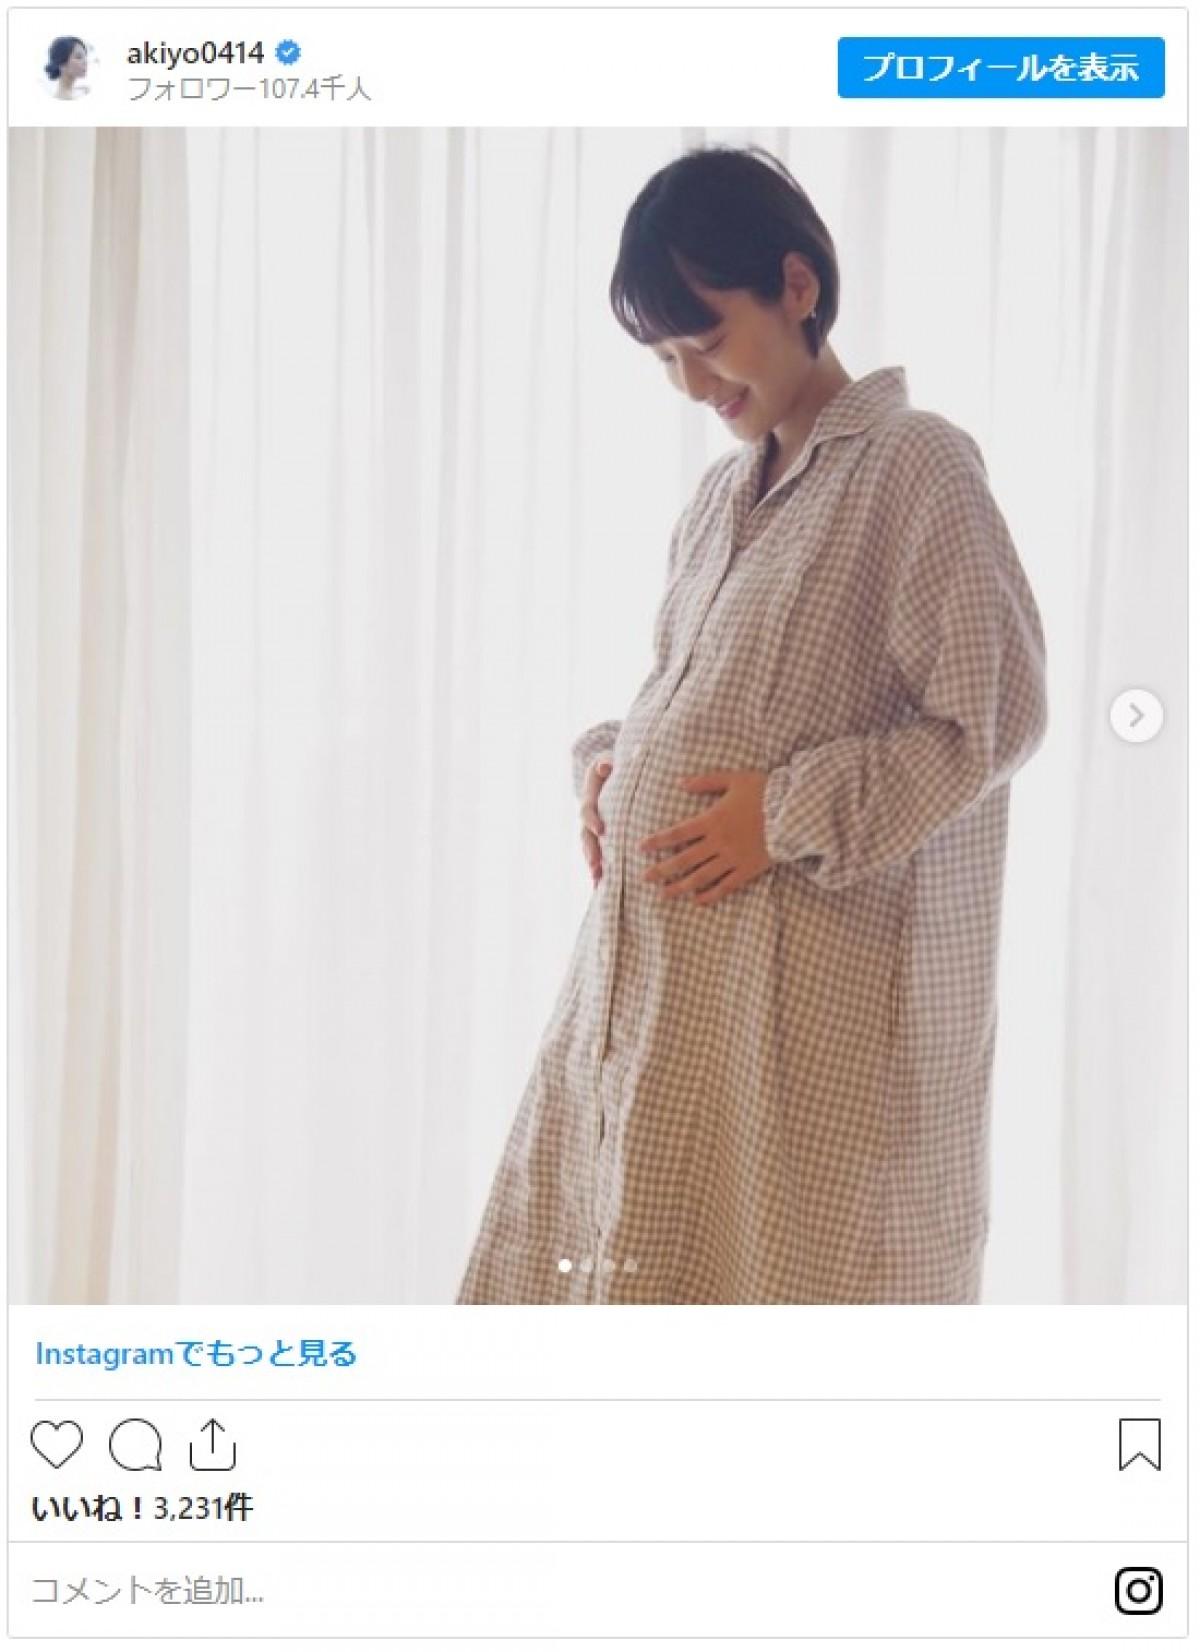 第2子妊娠の吉田明世アナ、ふっくらお腹のマタニティパジャマ姿に反響「素敵です」 /2020年11月8日 1ページ目 - エンタメ - ニュース - クランクイン!